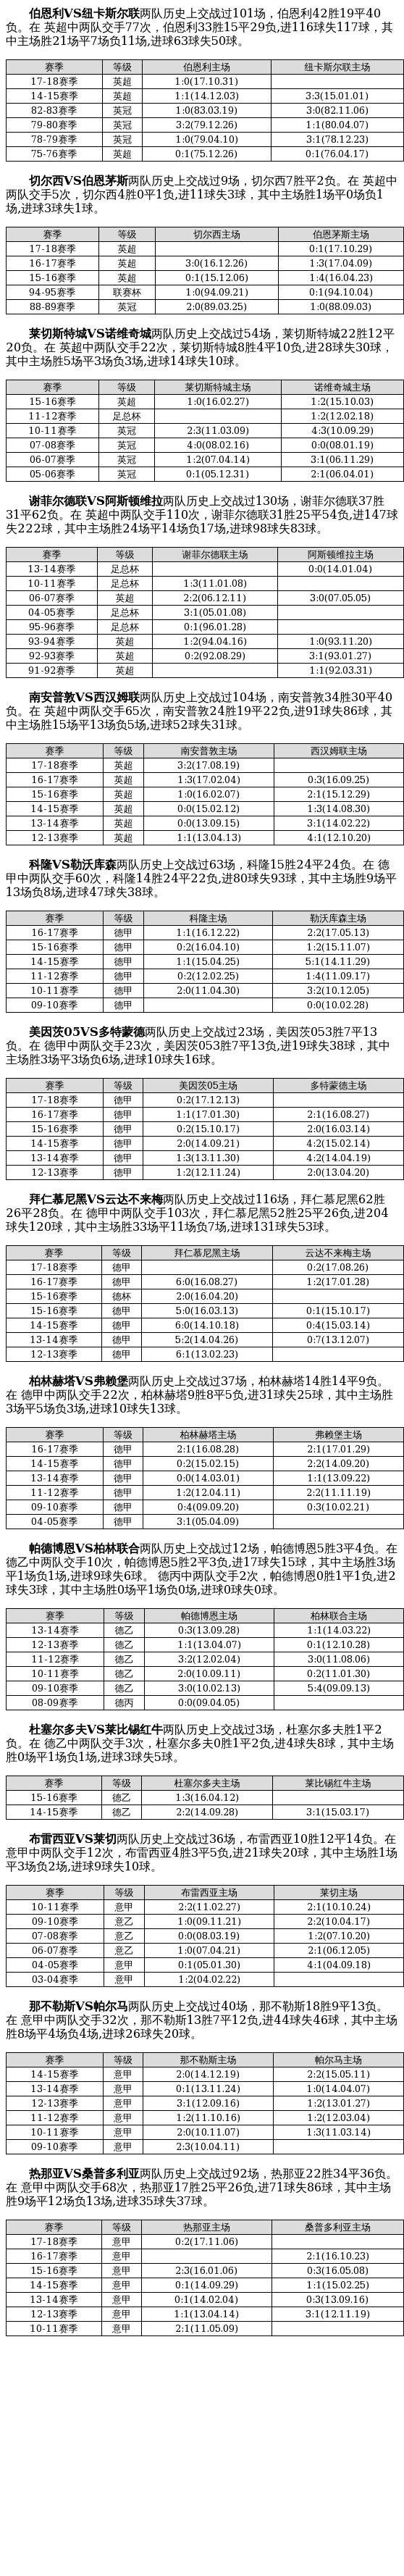 中国足球彩票19175期胜负游戏14场交战记录